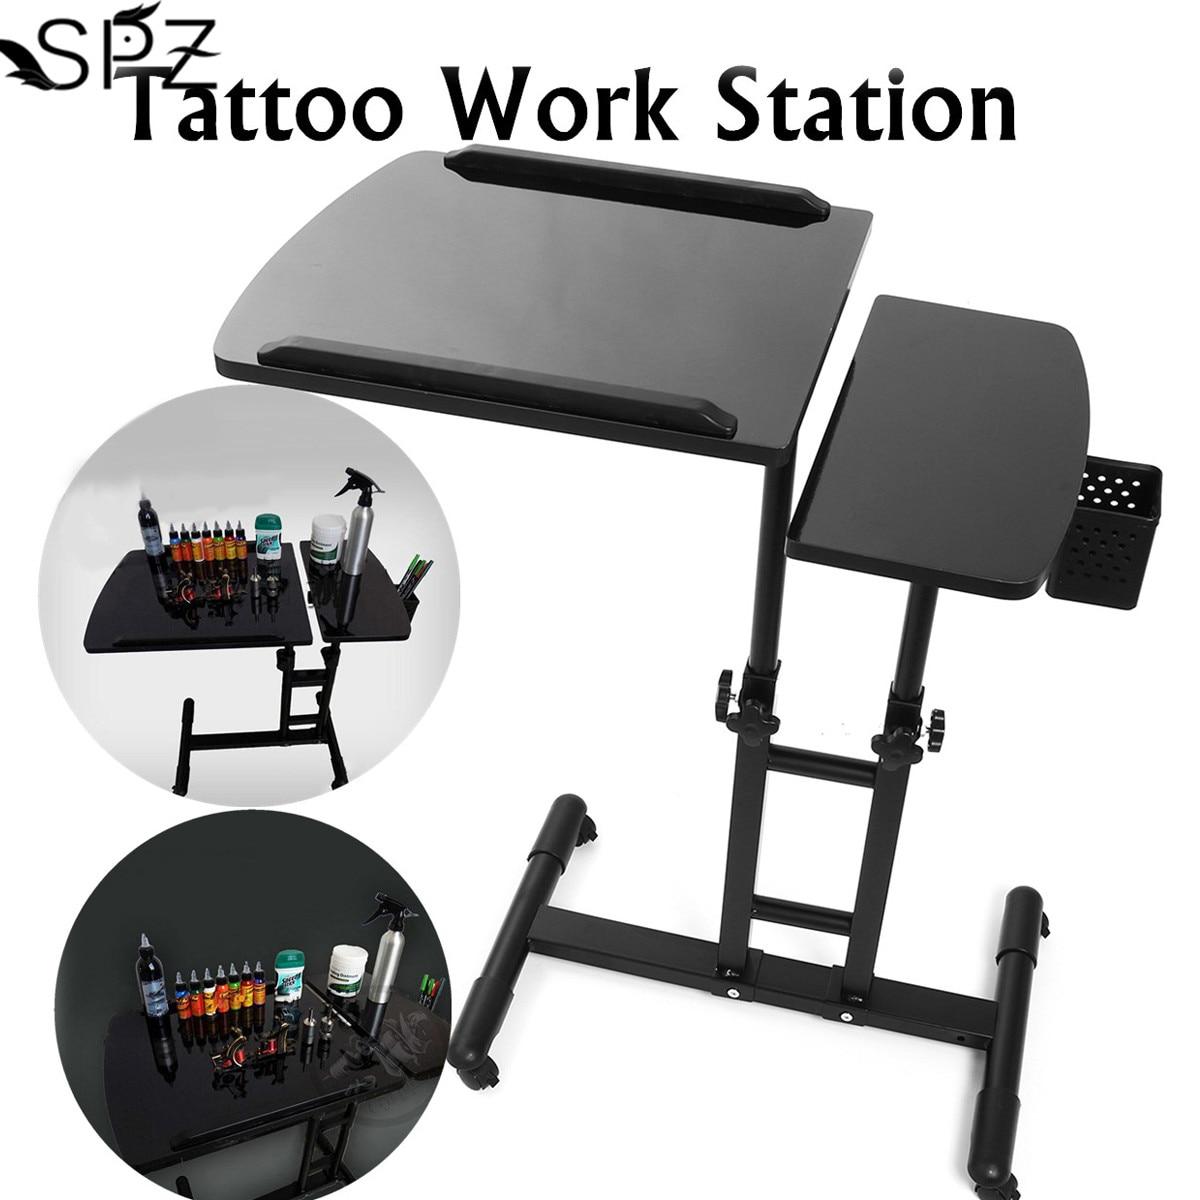 65-97cm noir réglable tatouage bureau Table multifonctionnel tatouage traçage dessin tatoueur poste de travail Stand Portable